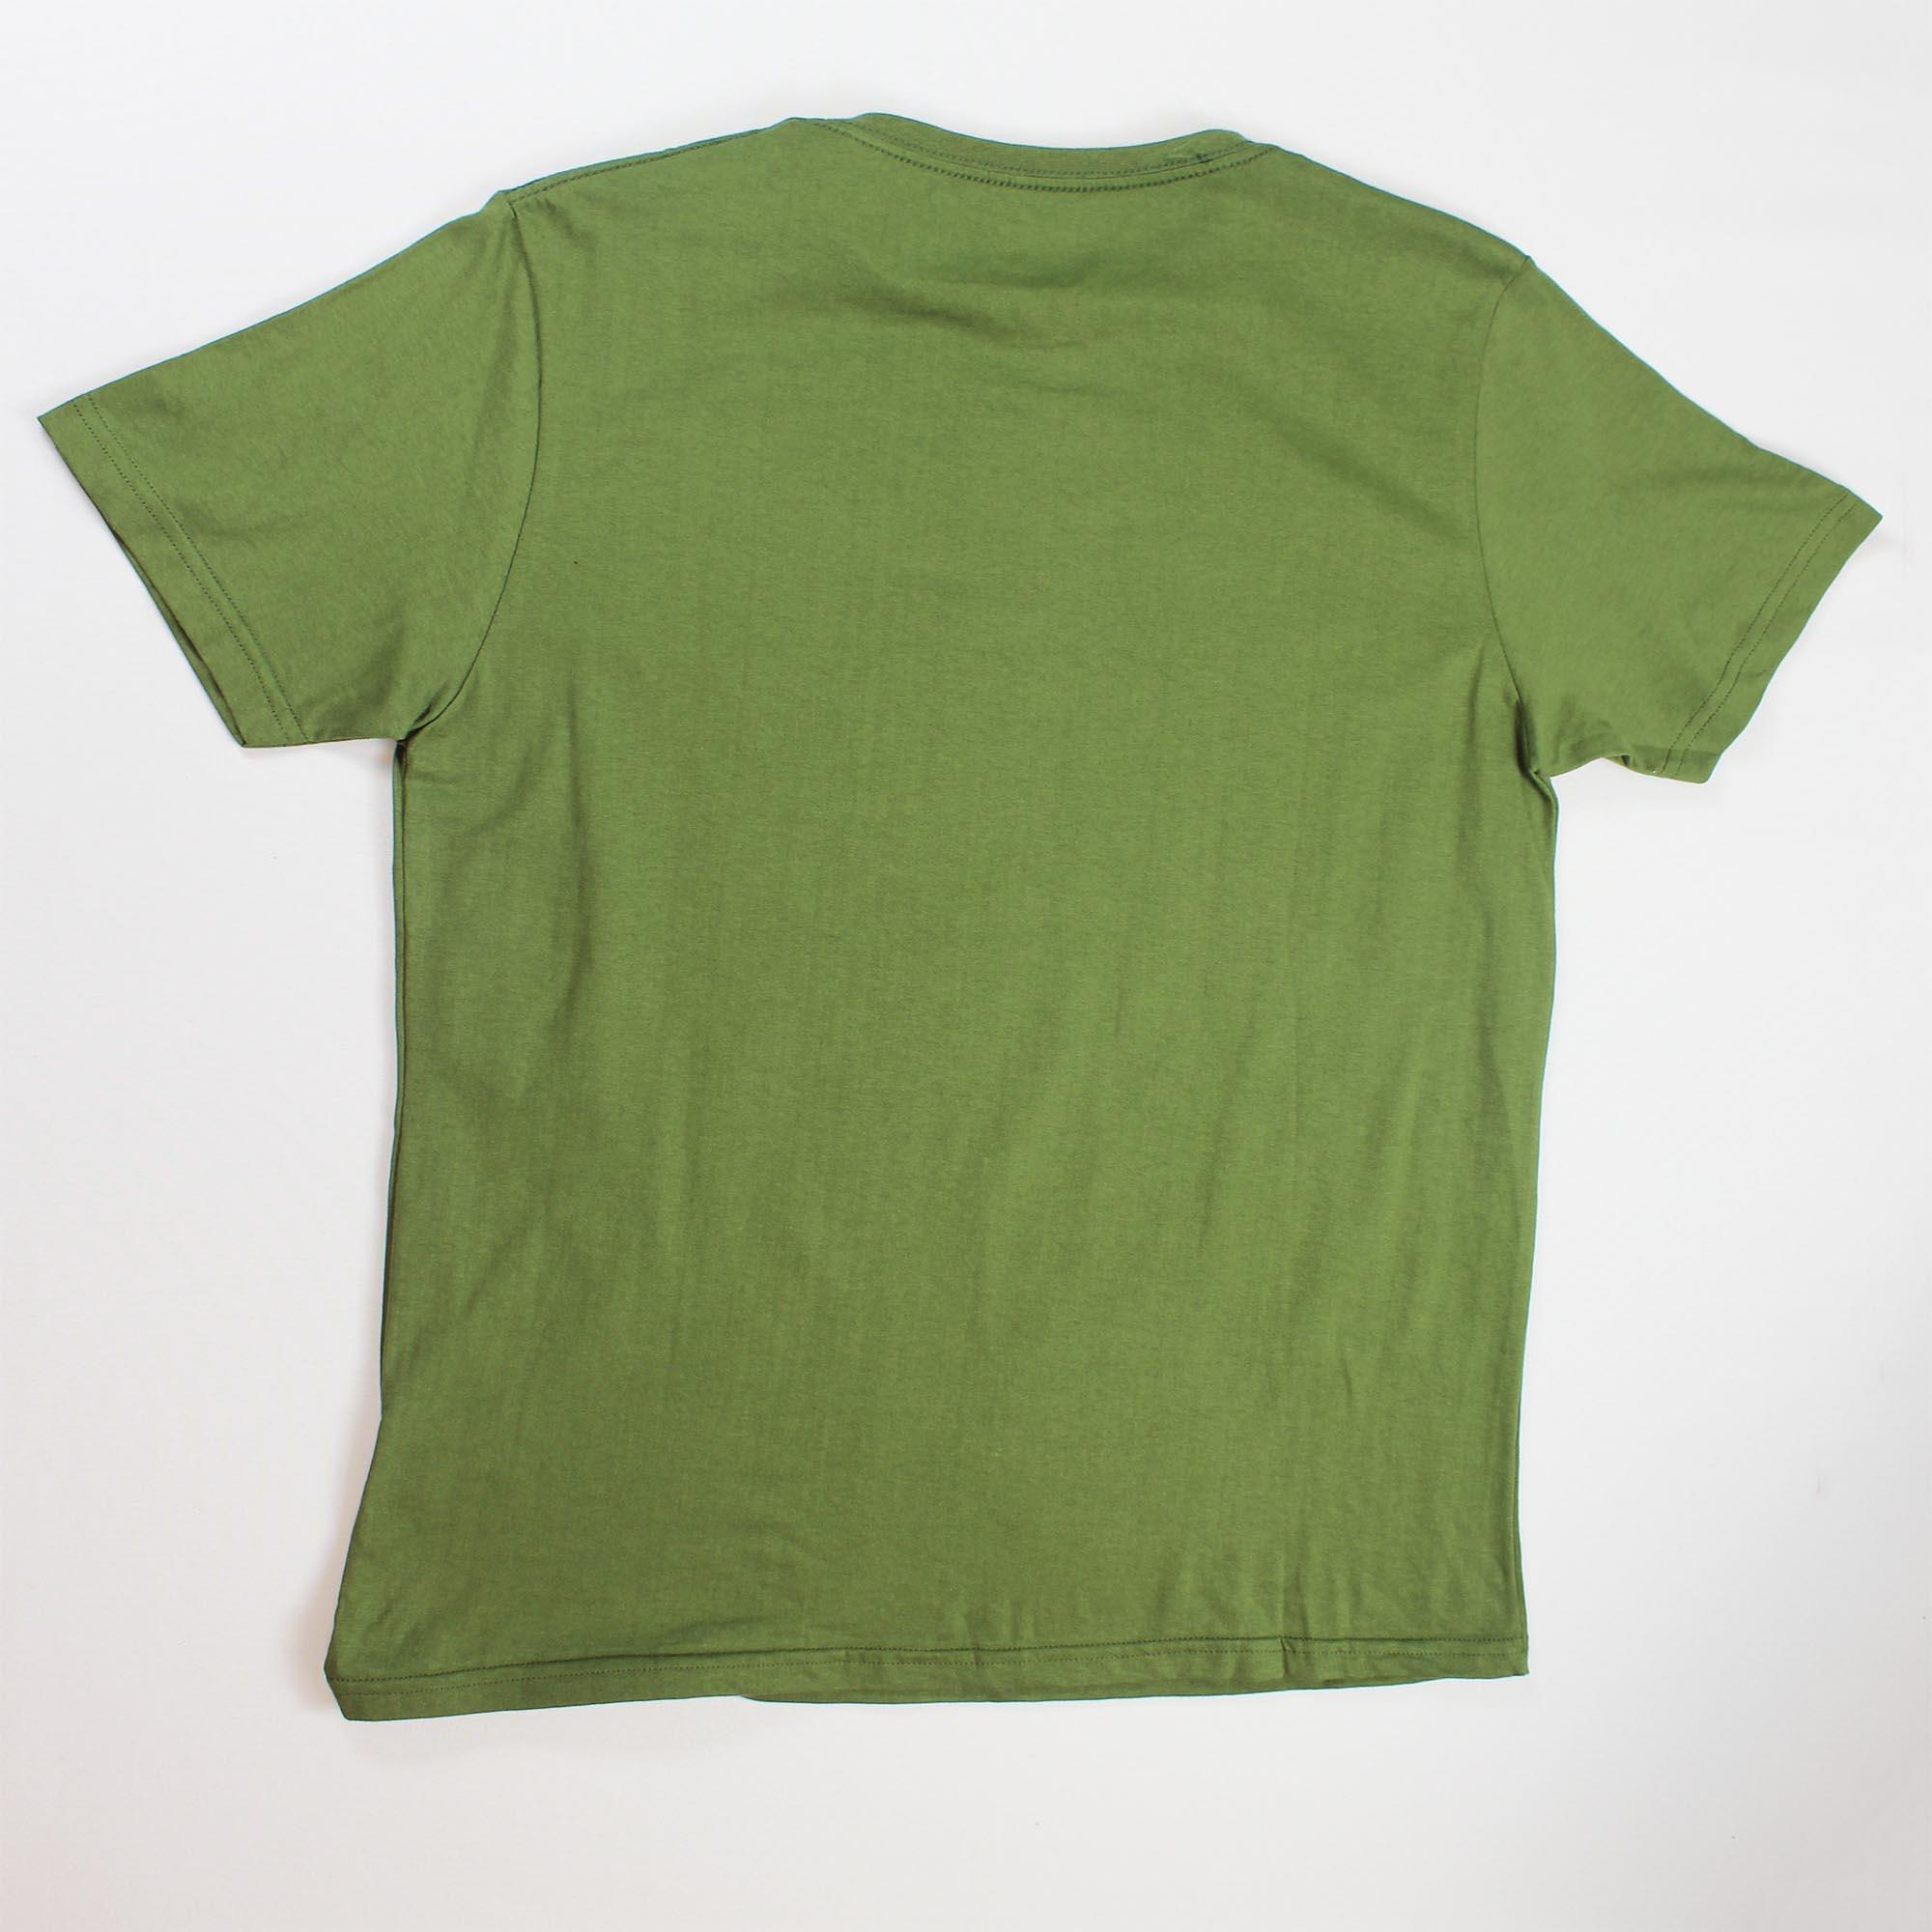 Camiseta Estampada Masculina - Tamanho M e G